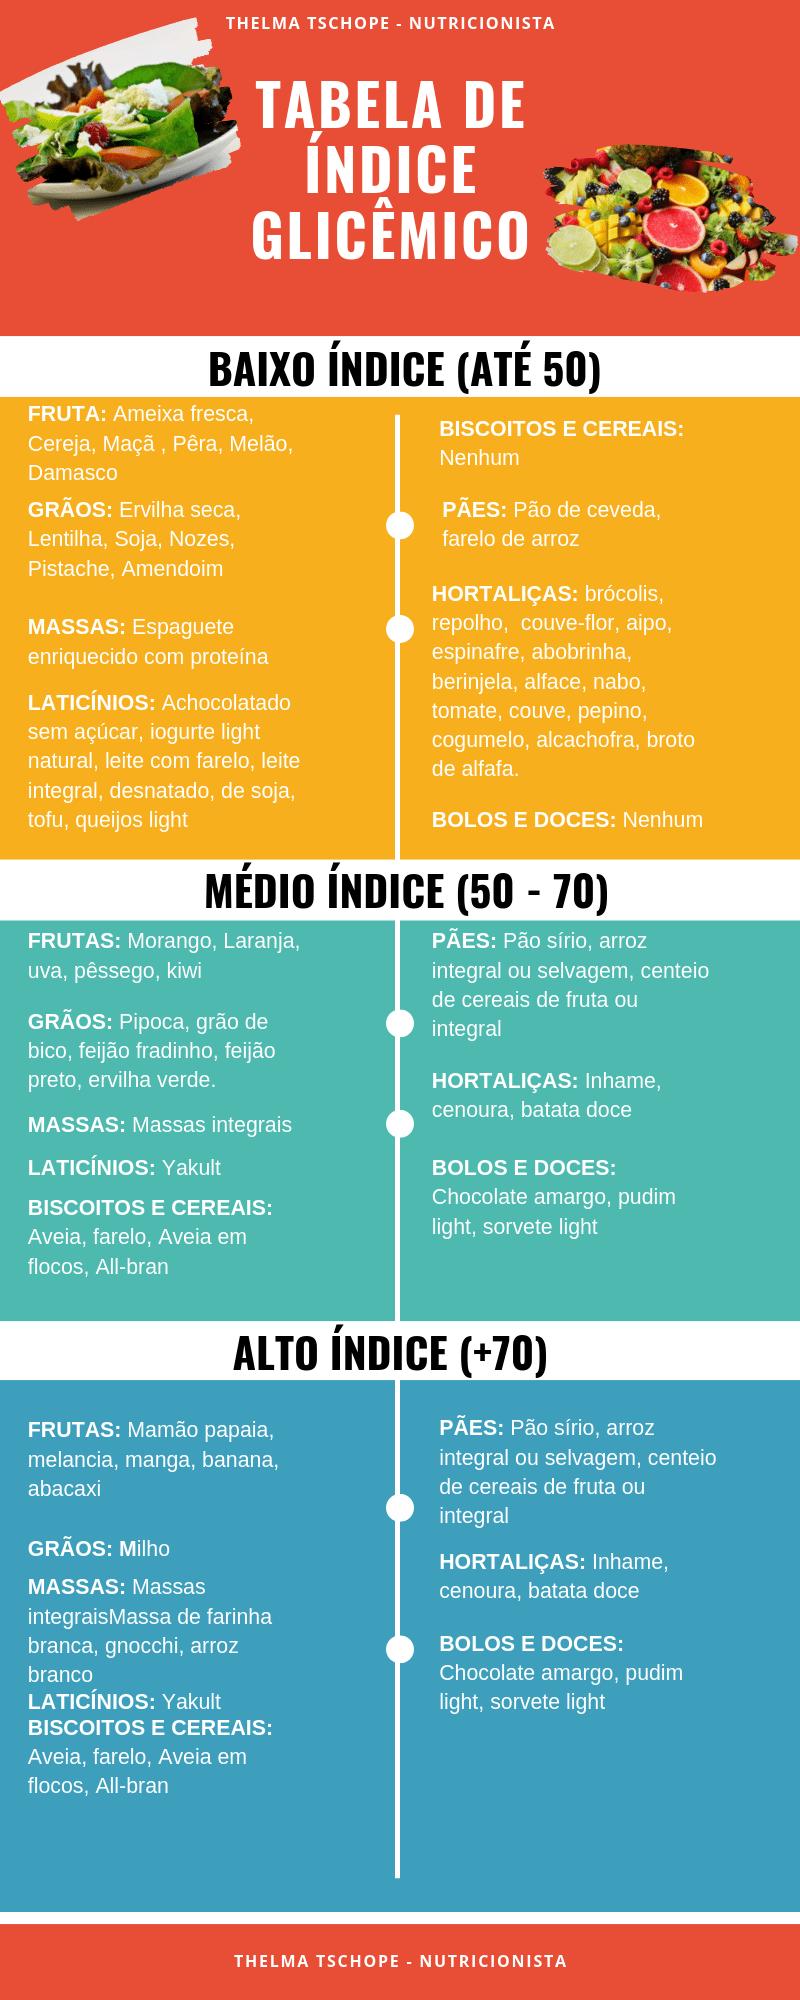 TABELA DE ÍNDICE GLICÊMICO (1)